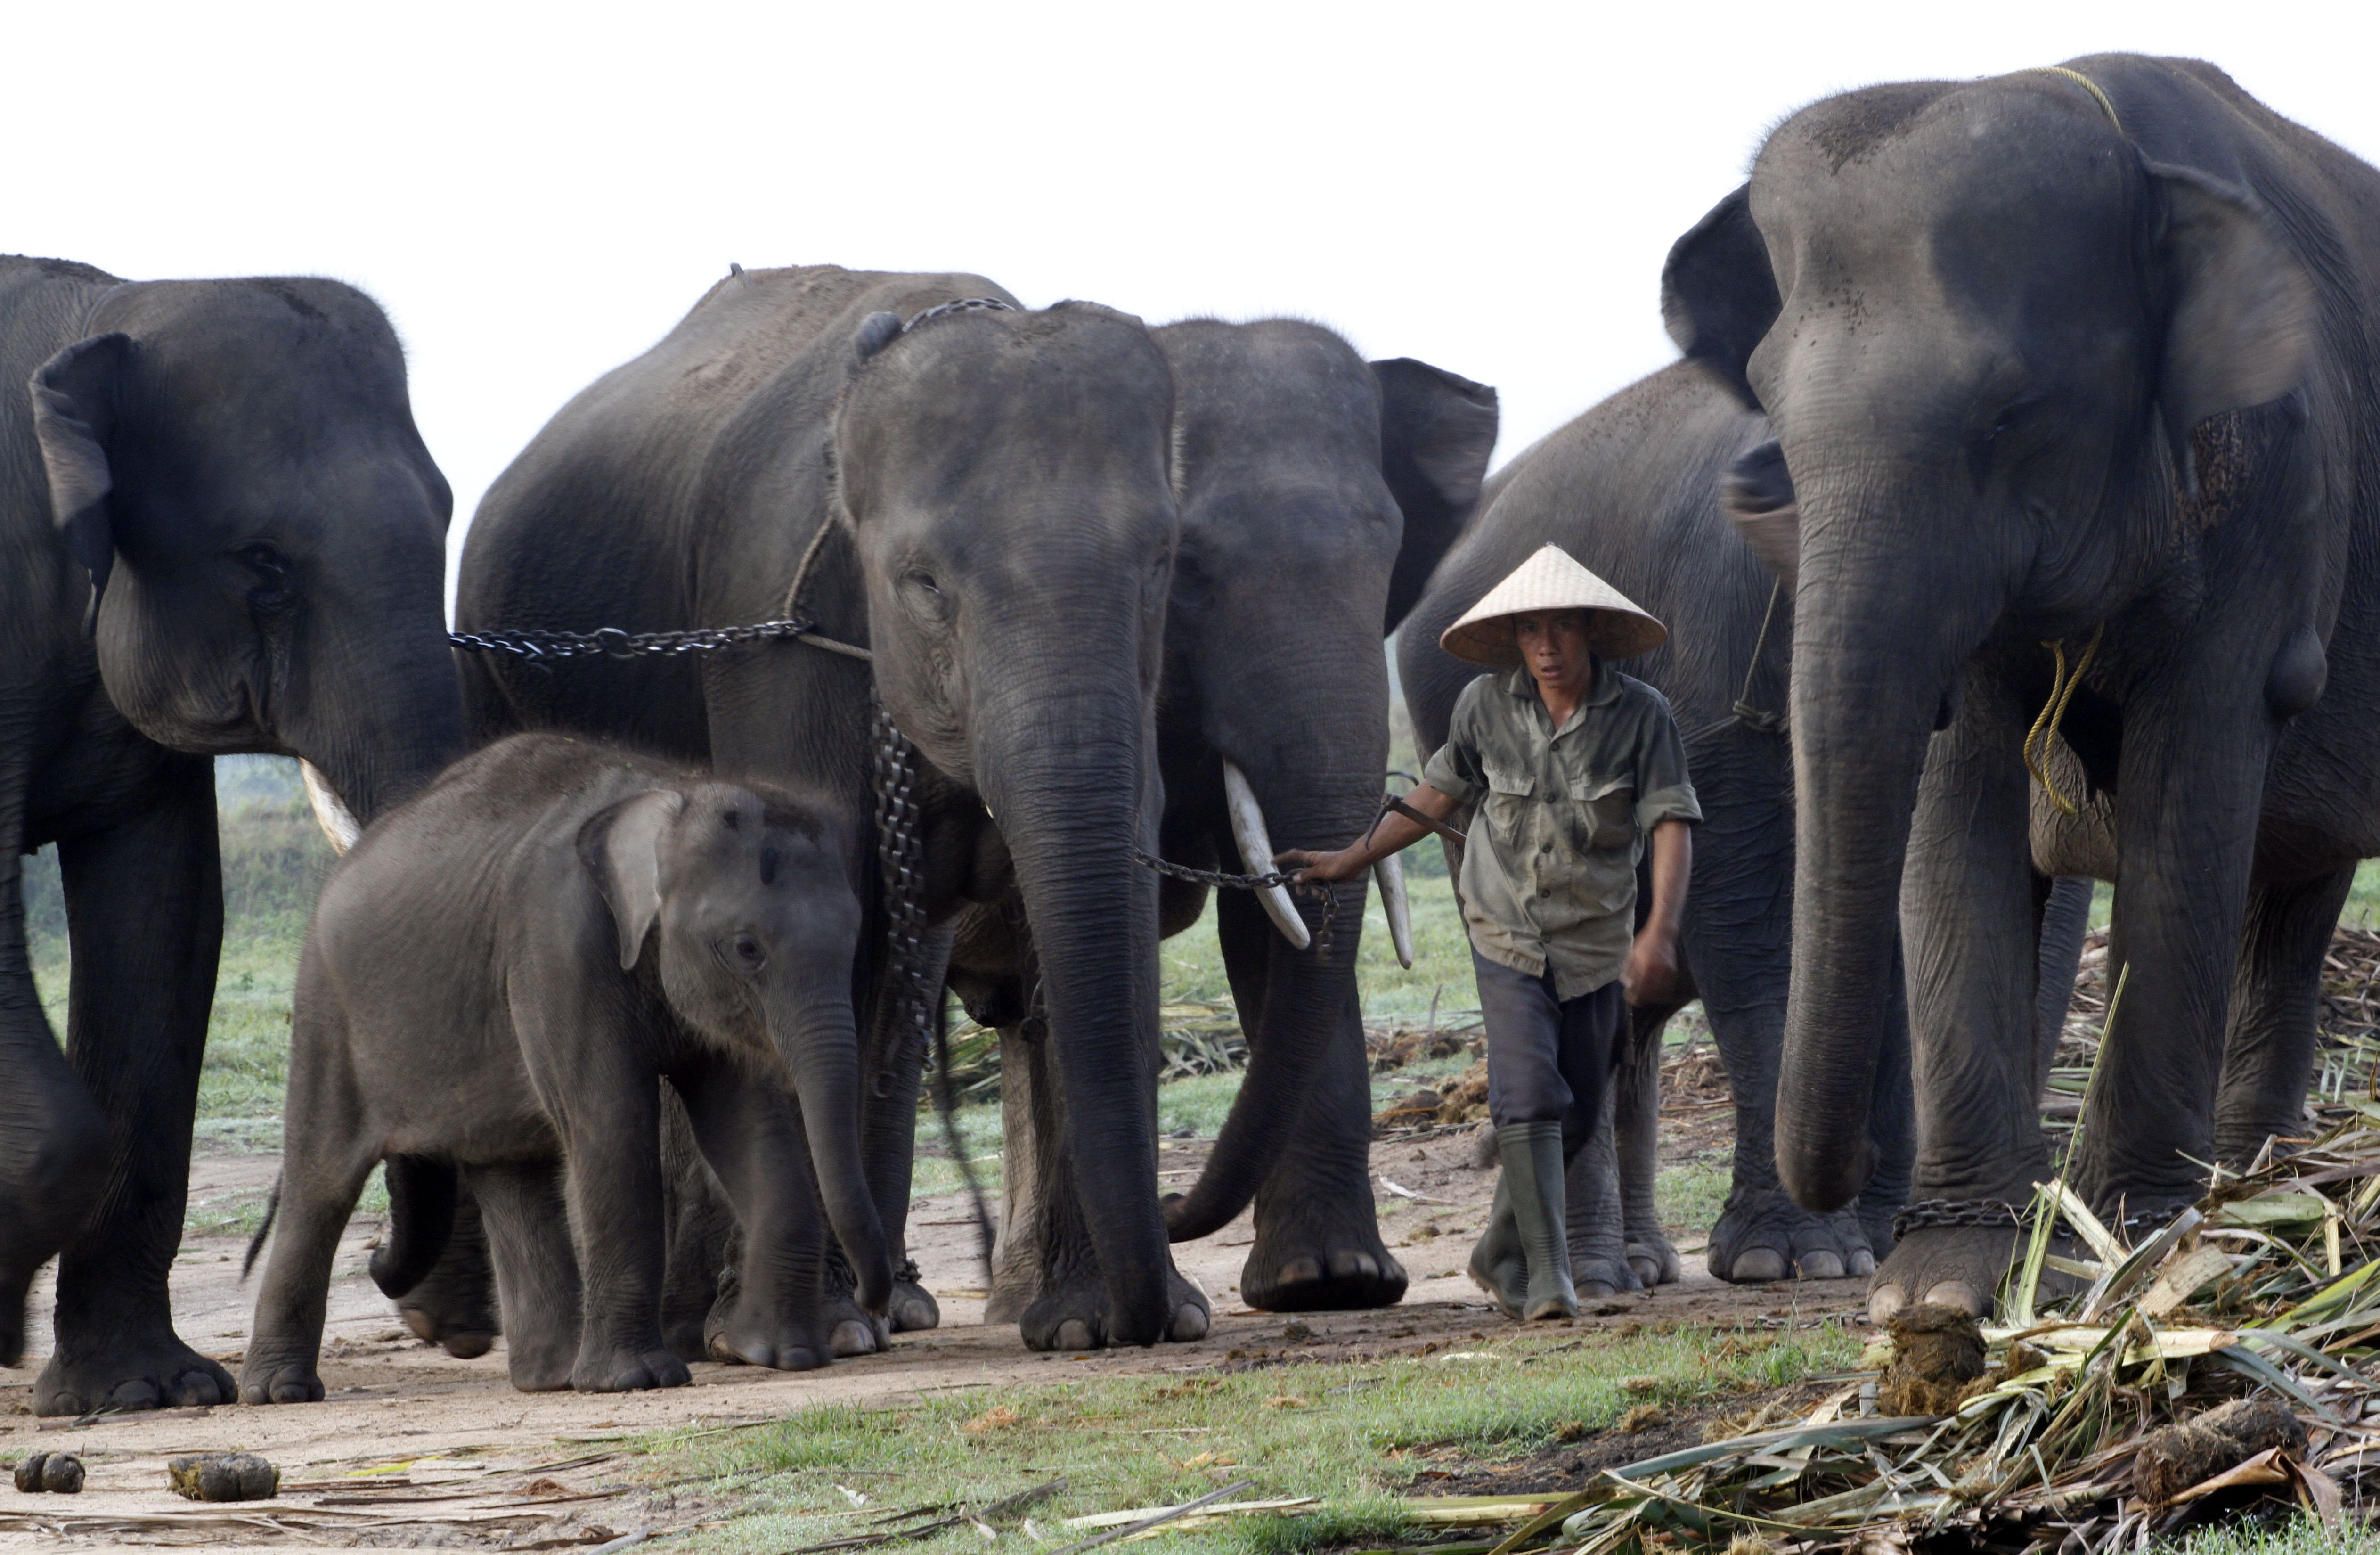 Konservasi Gajah Kambas Lampung Timur Berita Daerah Taman Kota Bandar